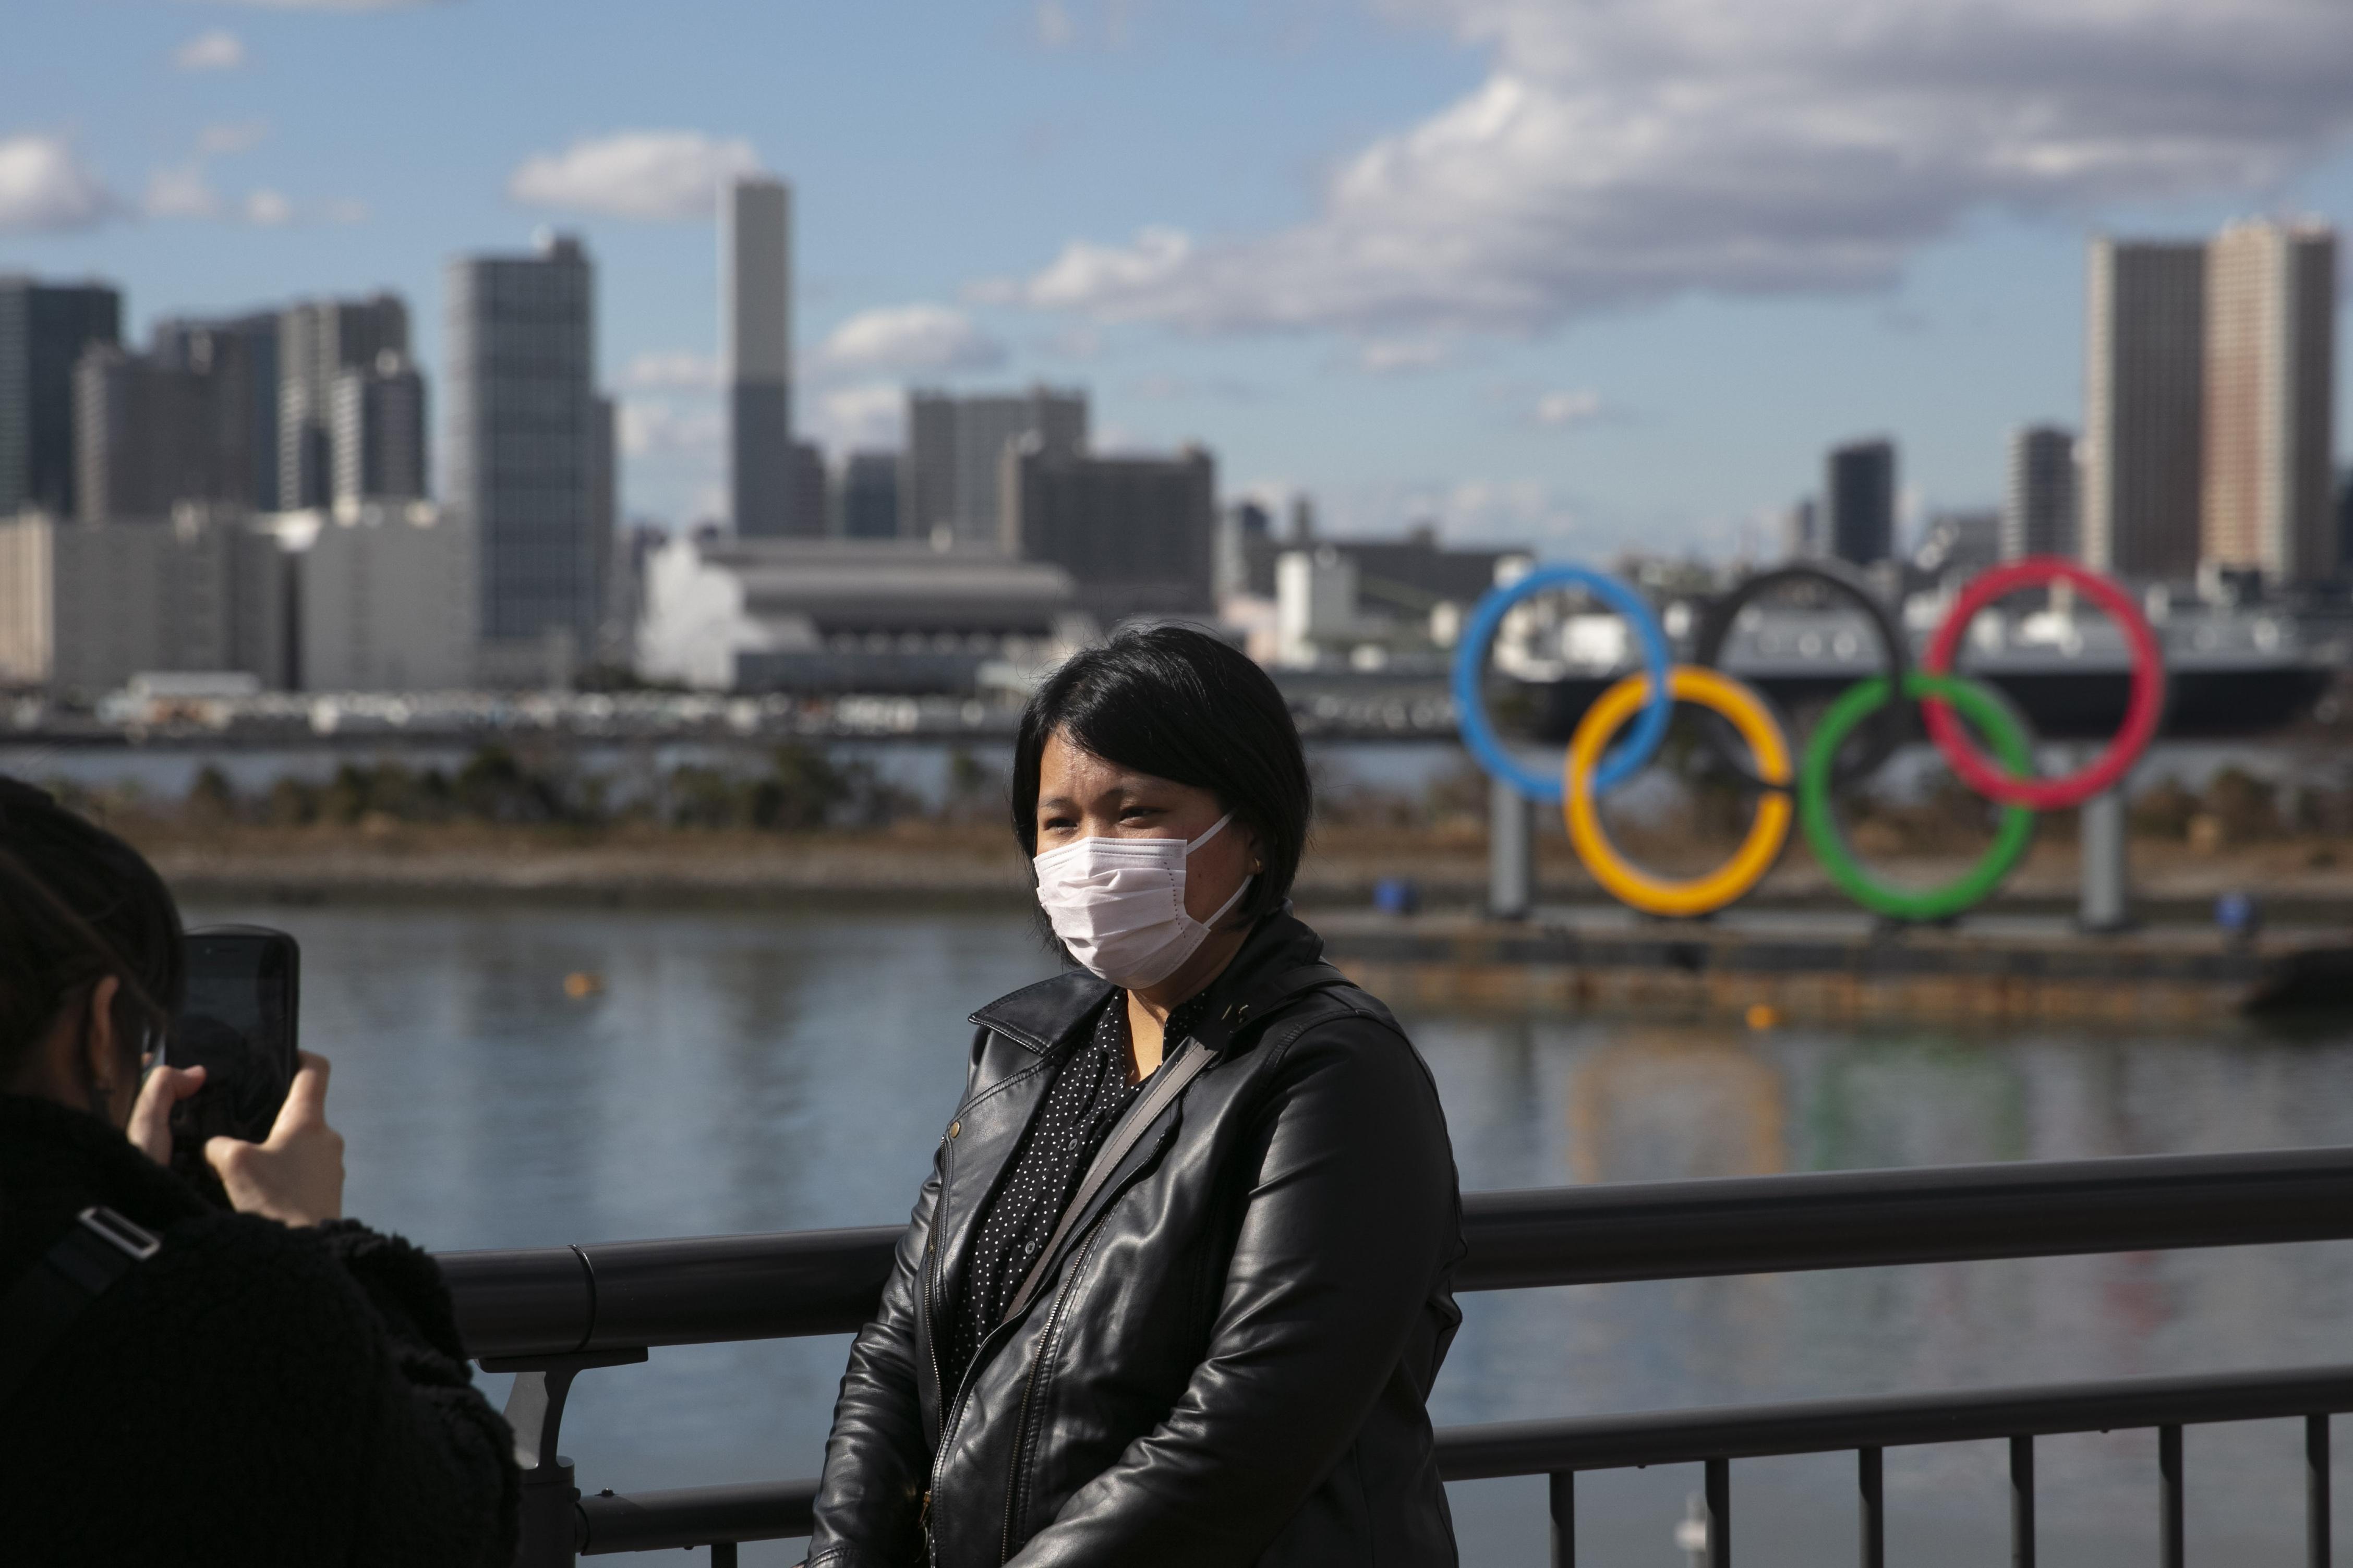 A-tourist-Tokyos-Olympics-2020-Coronavirus-Outbreak